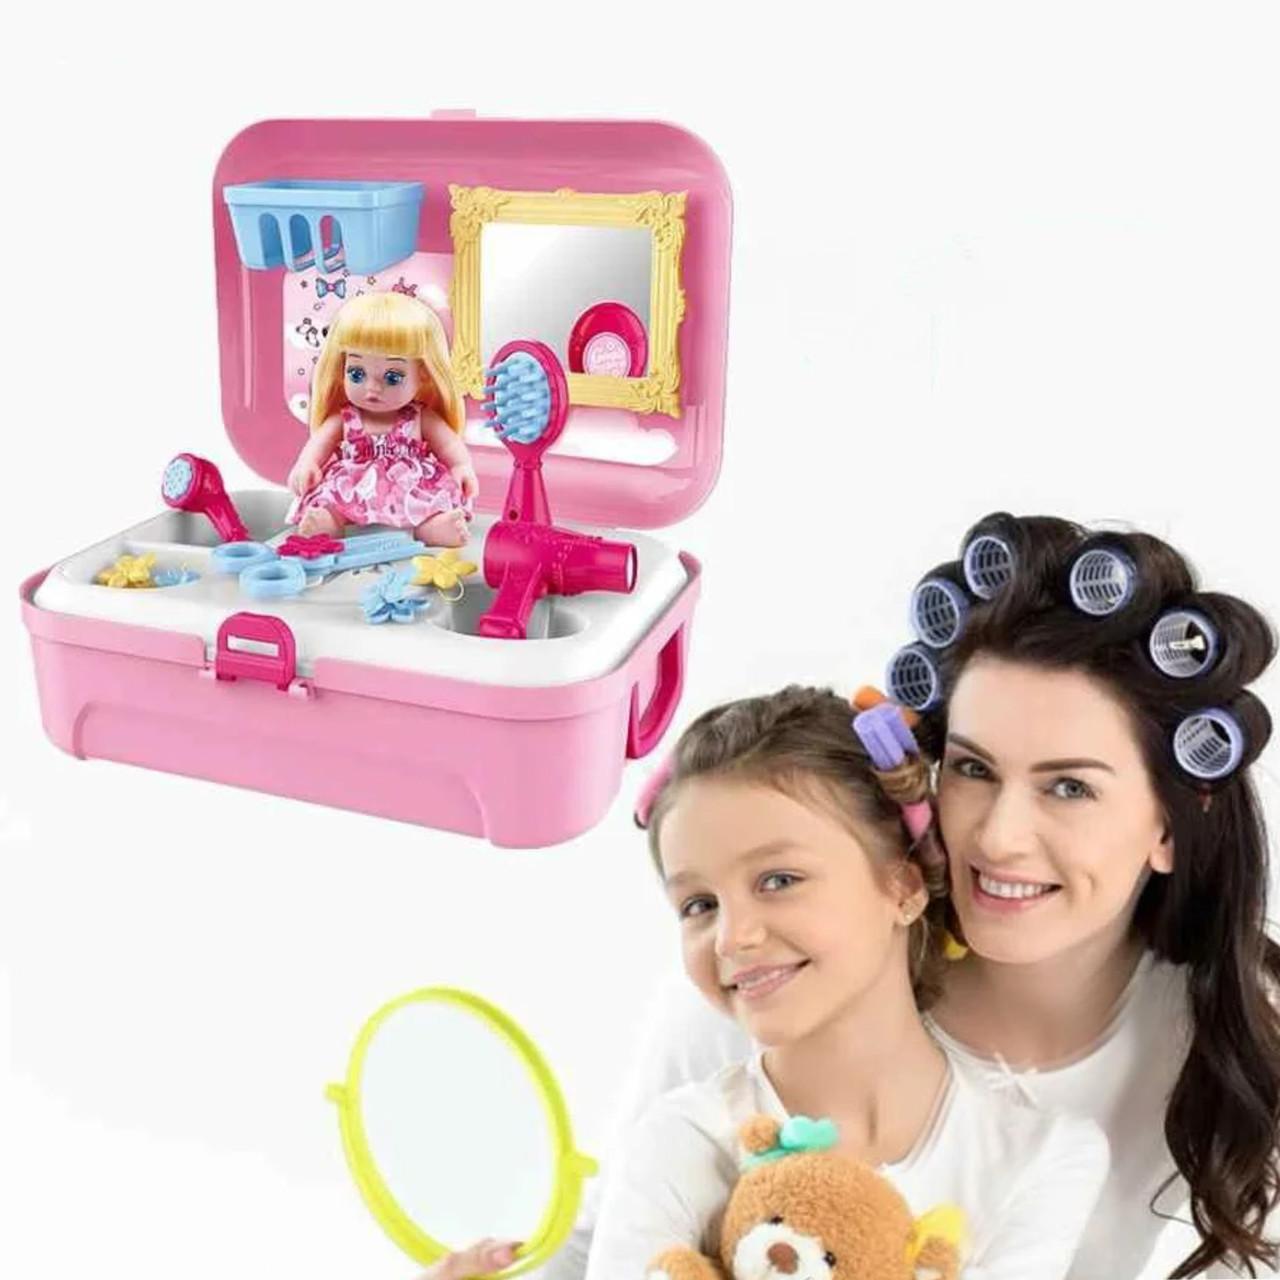 Портативный рюкзак Cosmetics toy   Игровой набор для девочки   Игровой набор детский для принцессы рюкзак